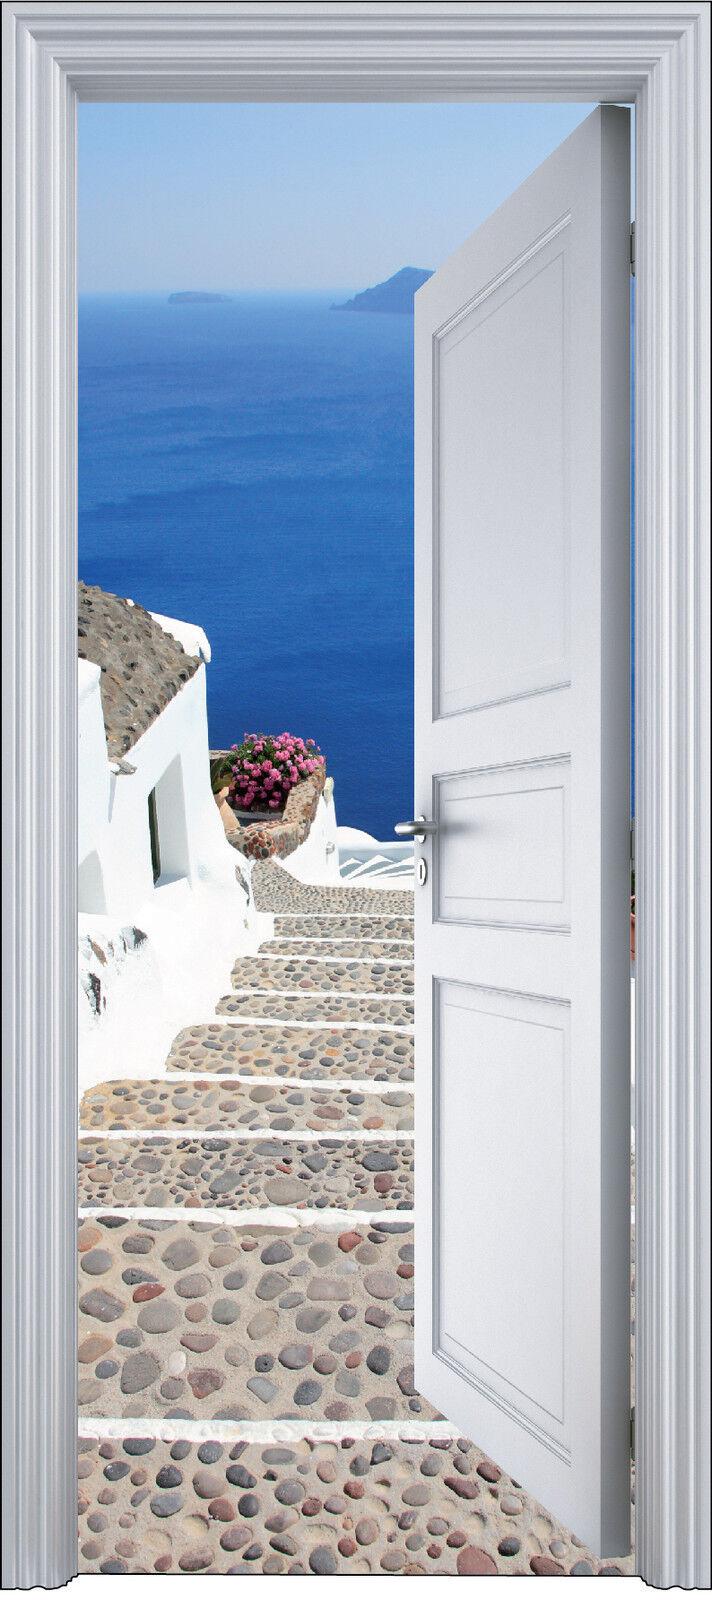 Aufkleber Tür Schein Auge Deko Treppe 90x200 cm Ref 2107